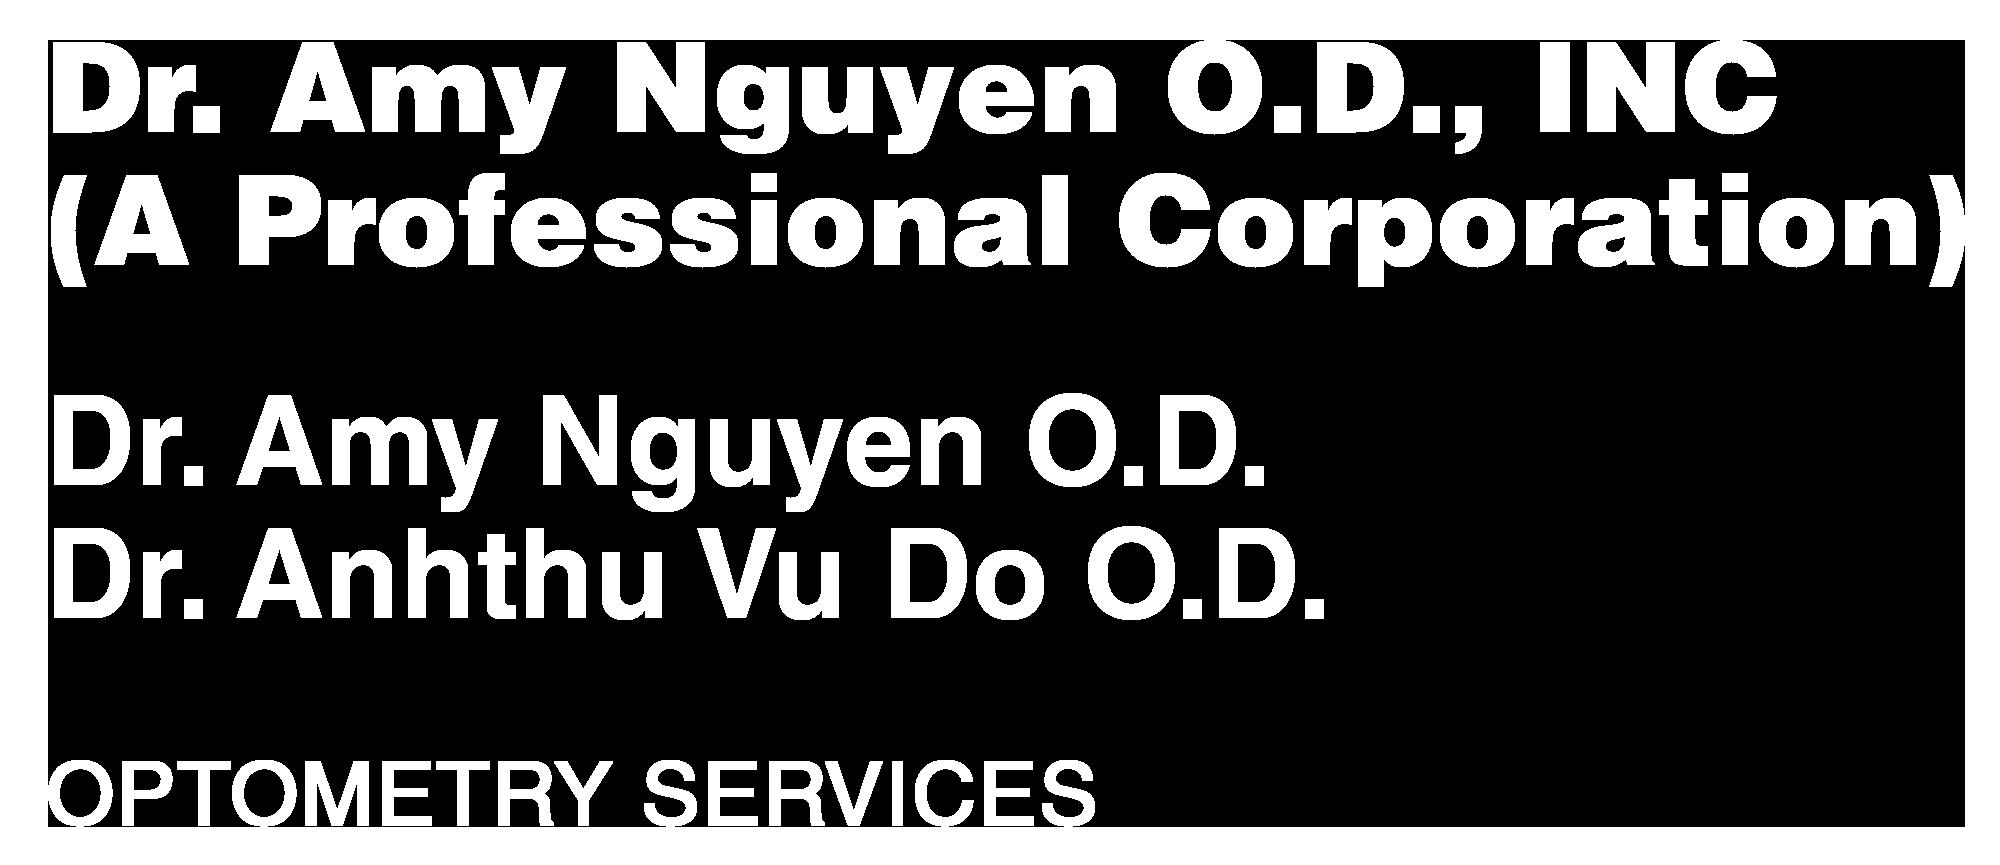 Dr. Amy Nguyen O.D. Inc.